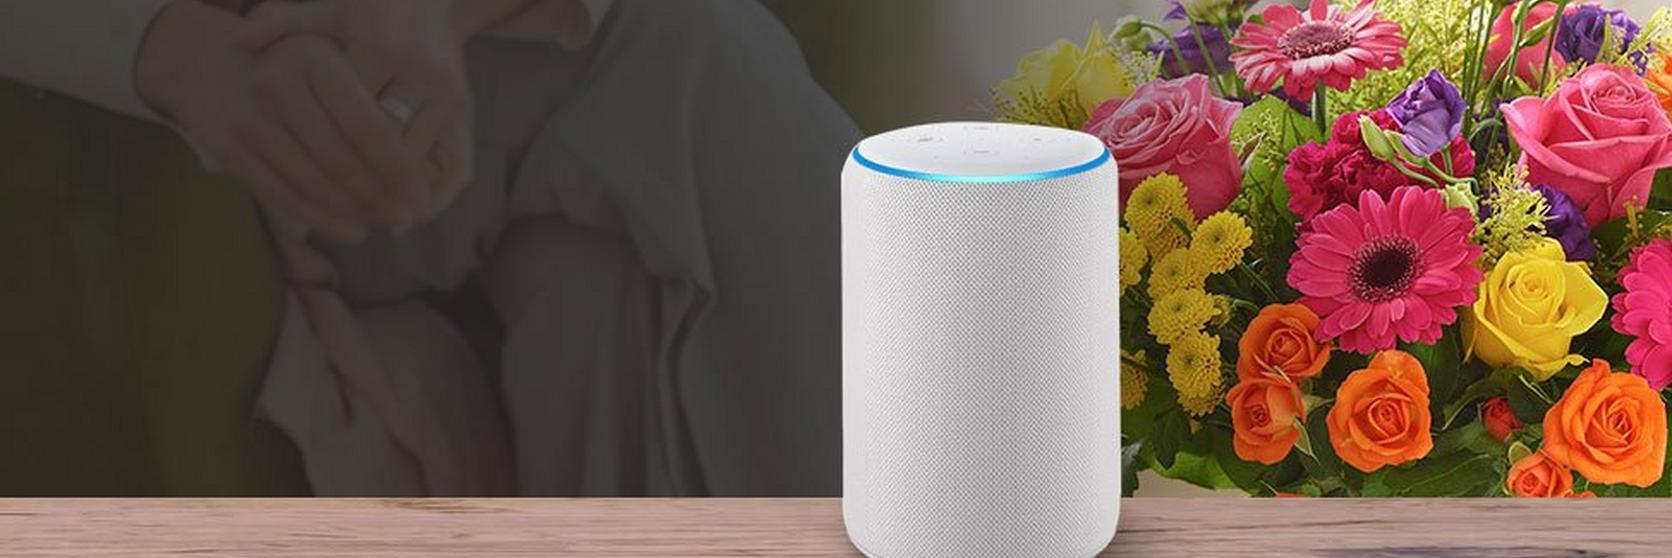 Alexa-MothersDay-Promo-DESKTOP